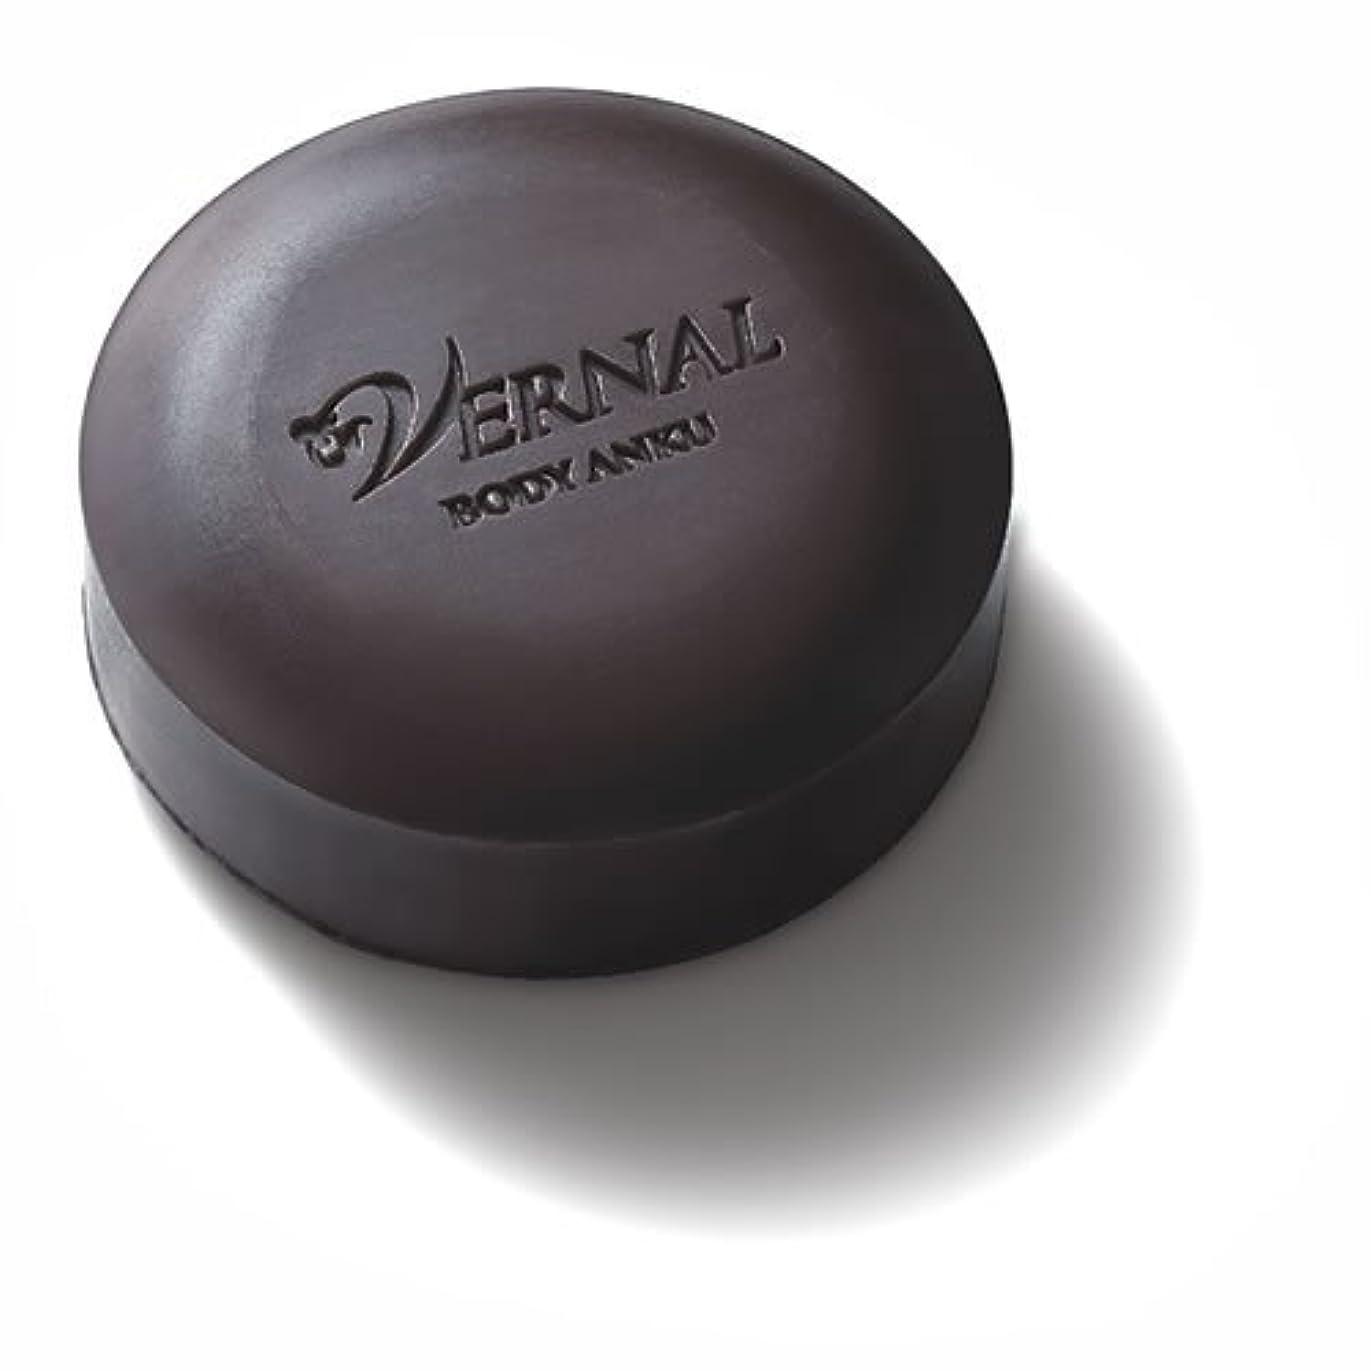 アジア人然とした正確にボディアンク/ヴァーナル ボディ用 石鹸 デオドラント